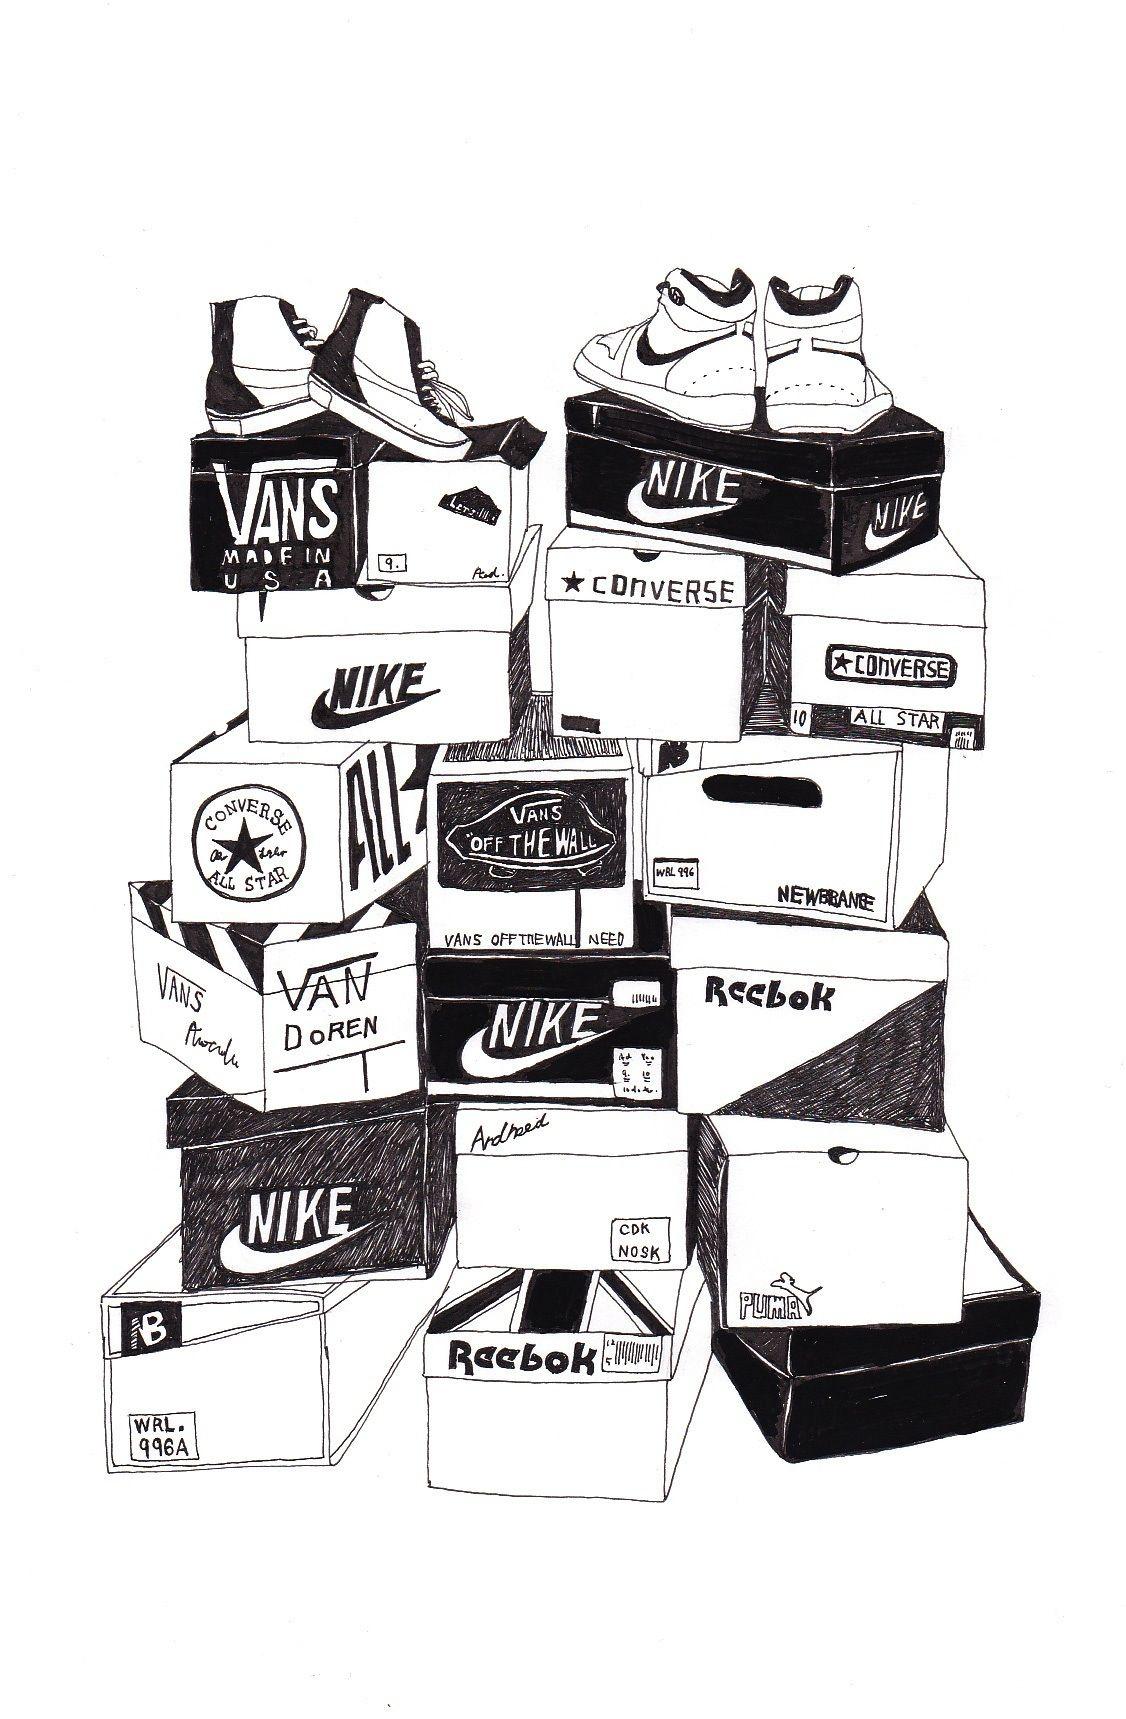 スニーカーim Suppose To Have This Many New Sneakers Now At Walit House Sneaker Art Sneakers Illustration Sneakers Wallpaper